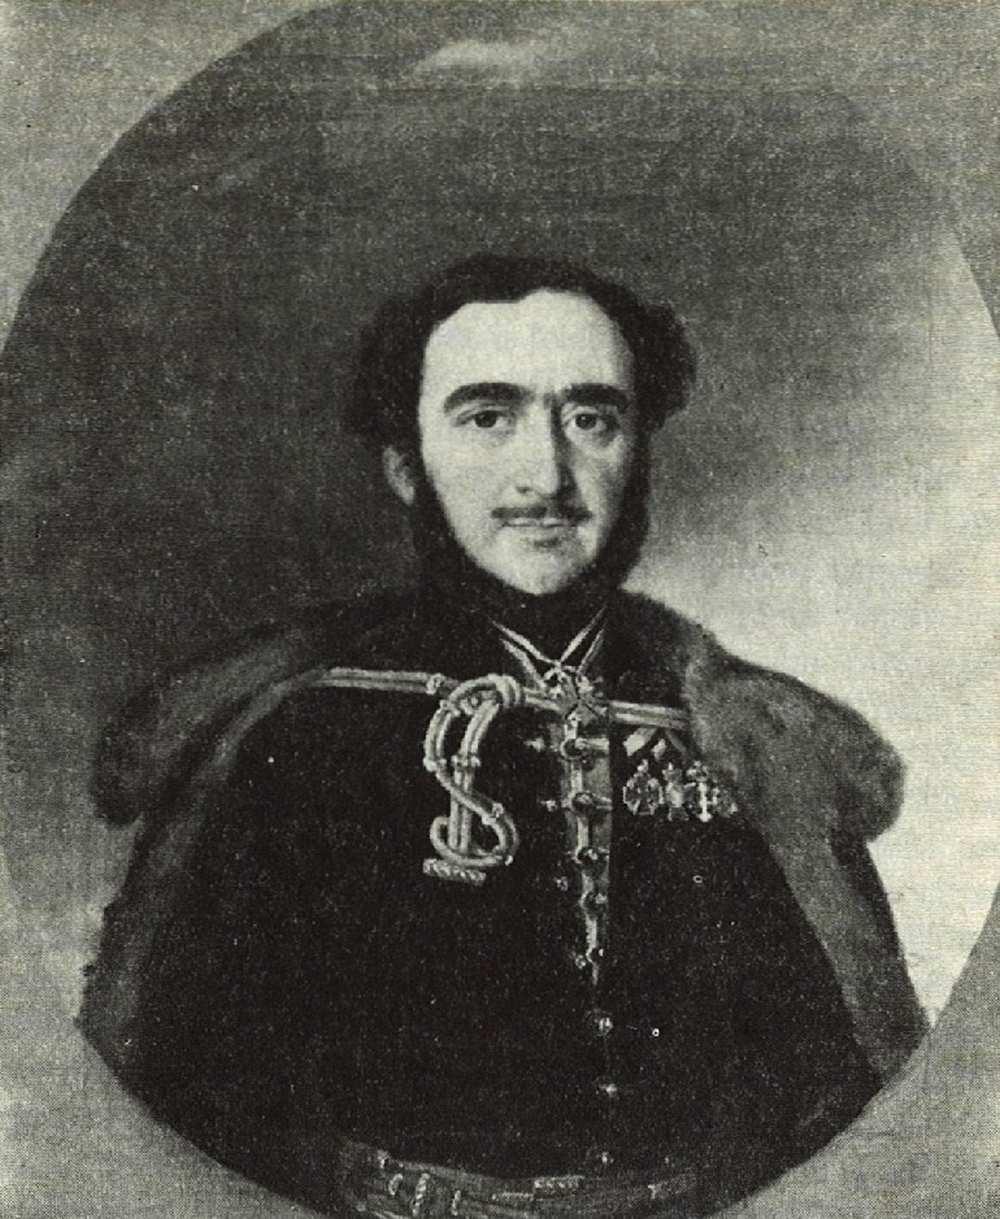 barabas_miklos_olajvazlata_1836_mta_opti.jpg